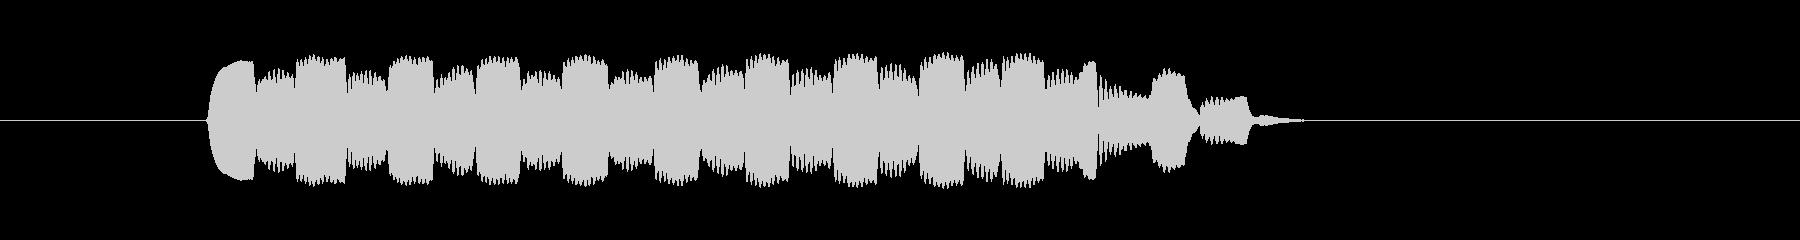 生演奏リコーダーで単音トリルの未再生の波形